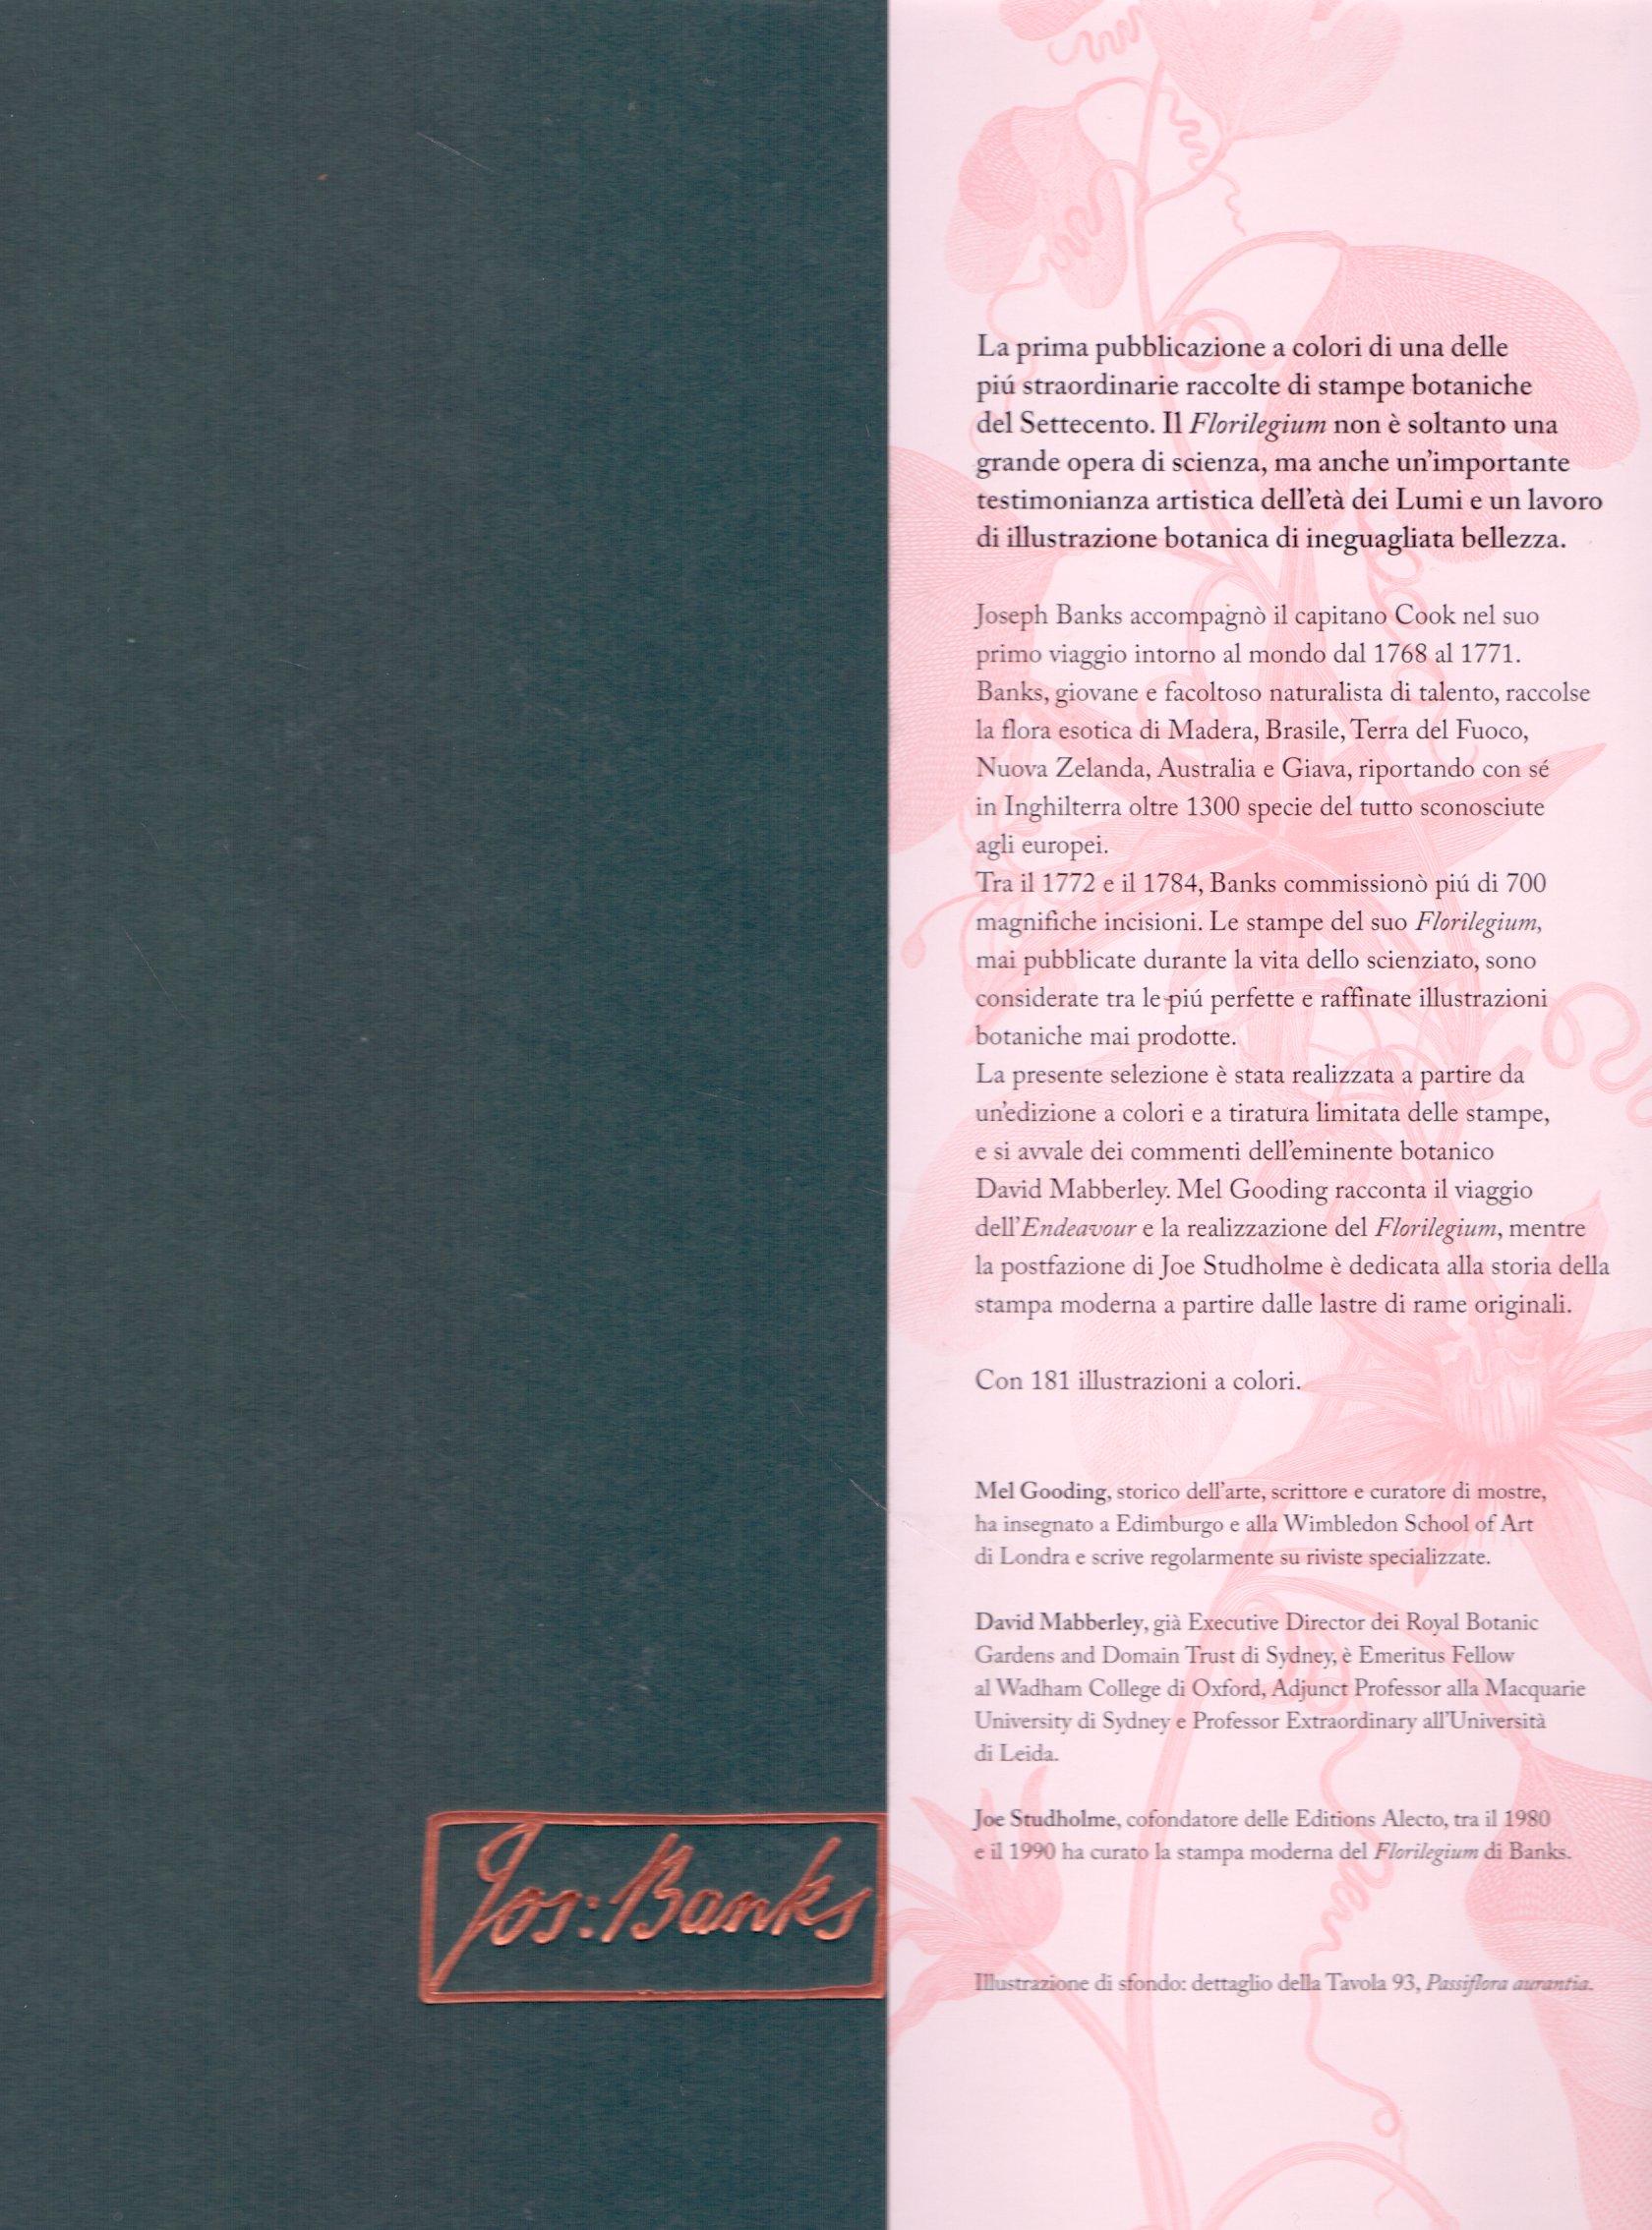 Joseph Banks florilegium.